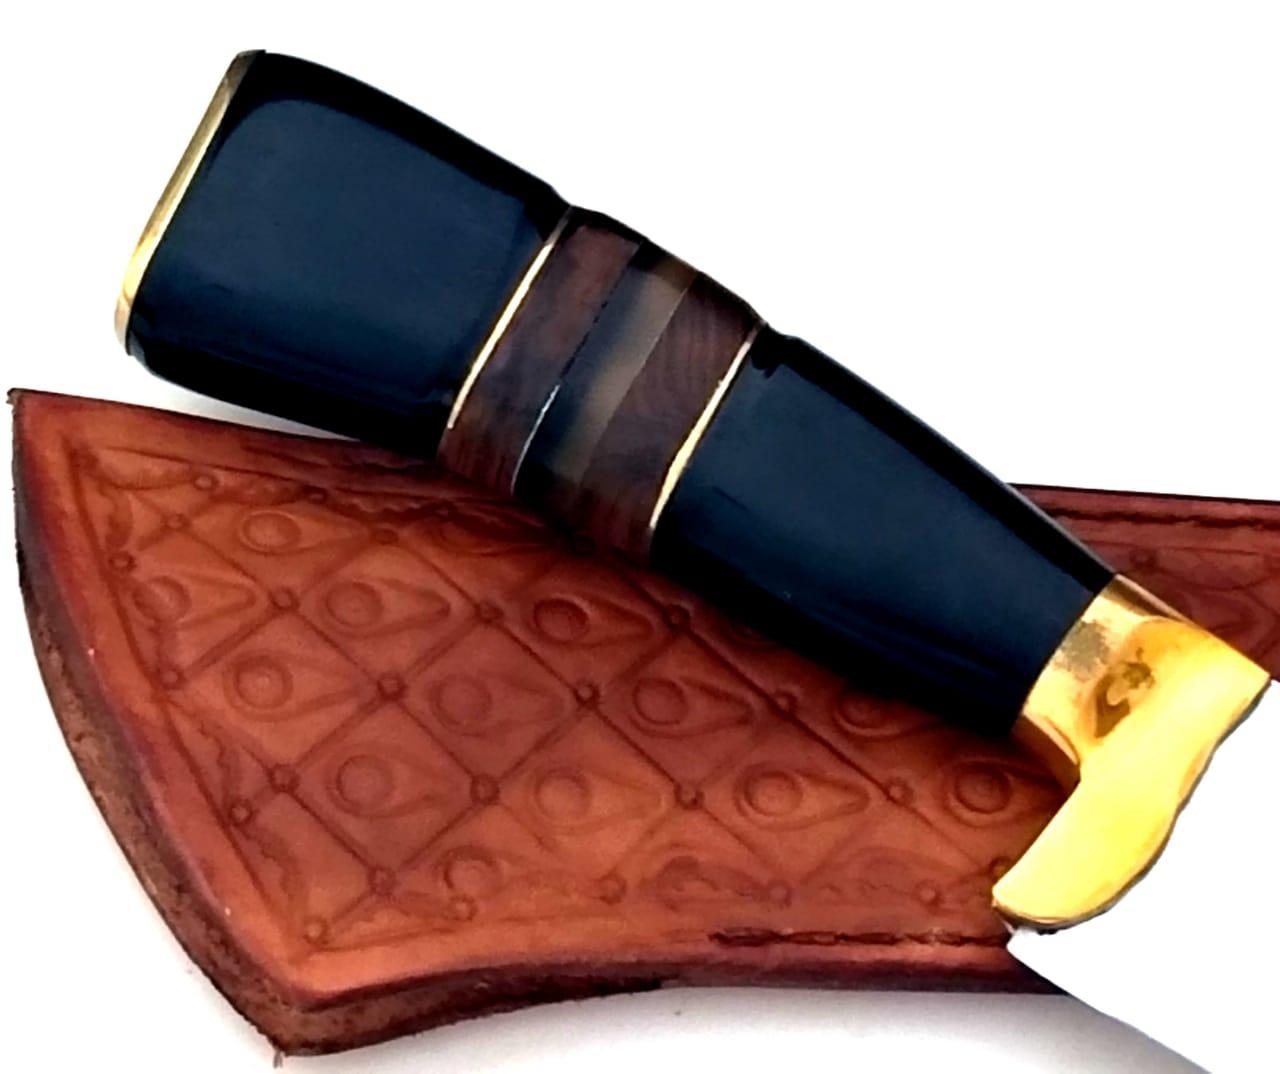 Faca artesanal campeira em aço inox 12 polegadas